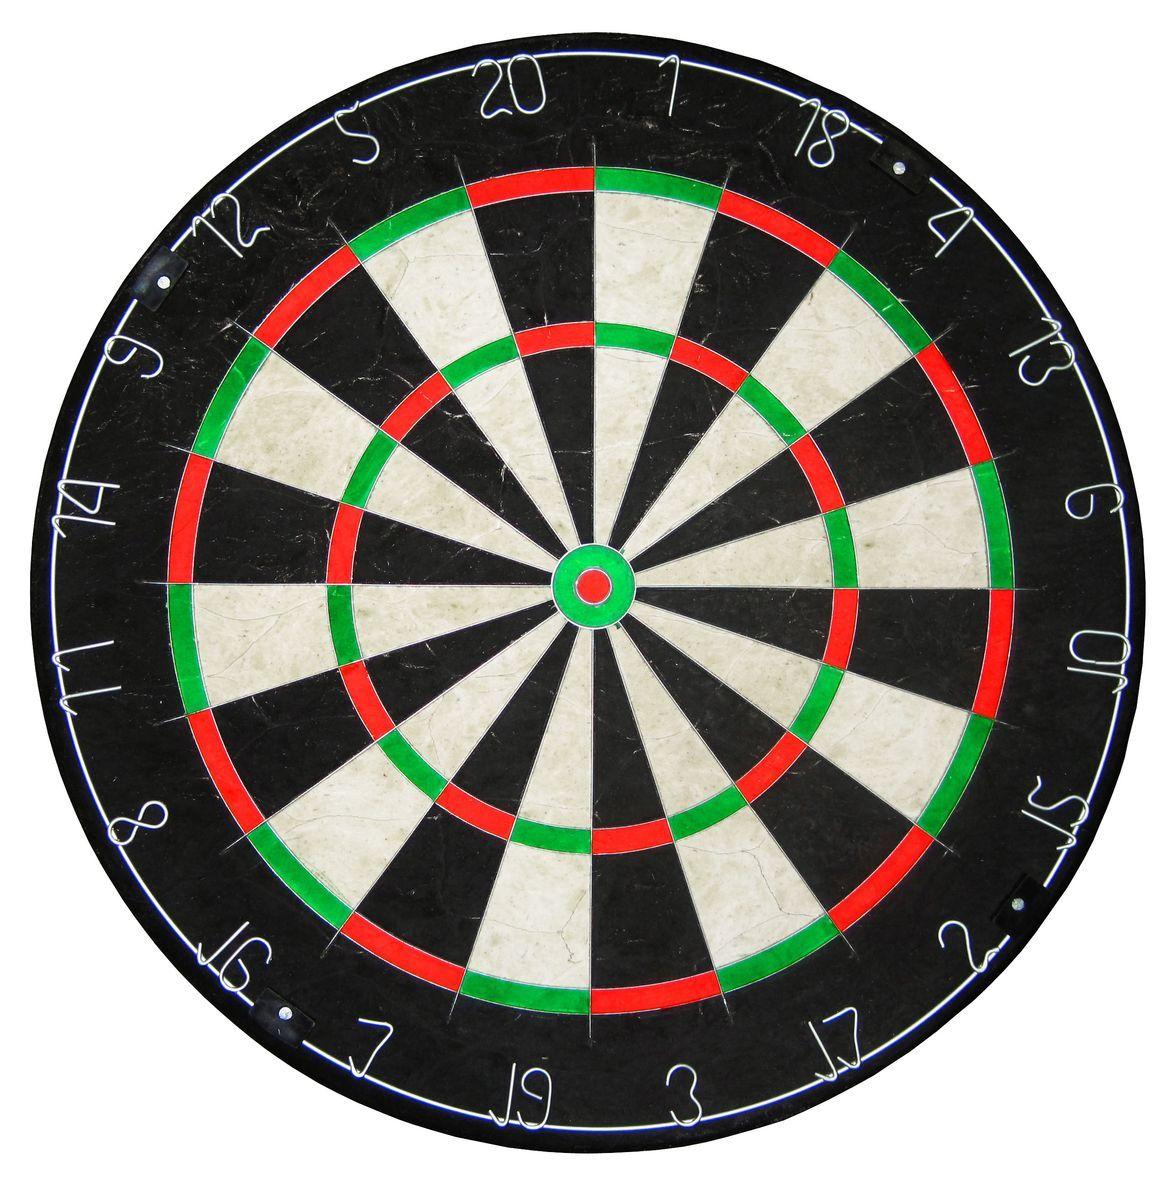 Мишень для игры в дартс Larsen, диаметр 45 смDG51001Мишень для игры в дартс Larsen DG51001, сизаль, диаметр 45см. Проволока разделяющая сектора – тонкая, прямоугольная, врезана в поверхность мишени.